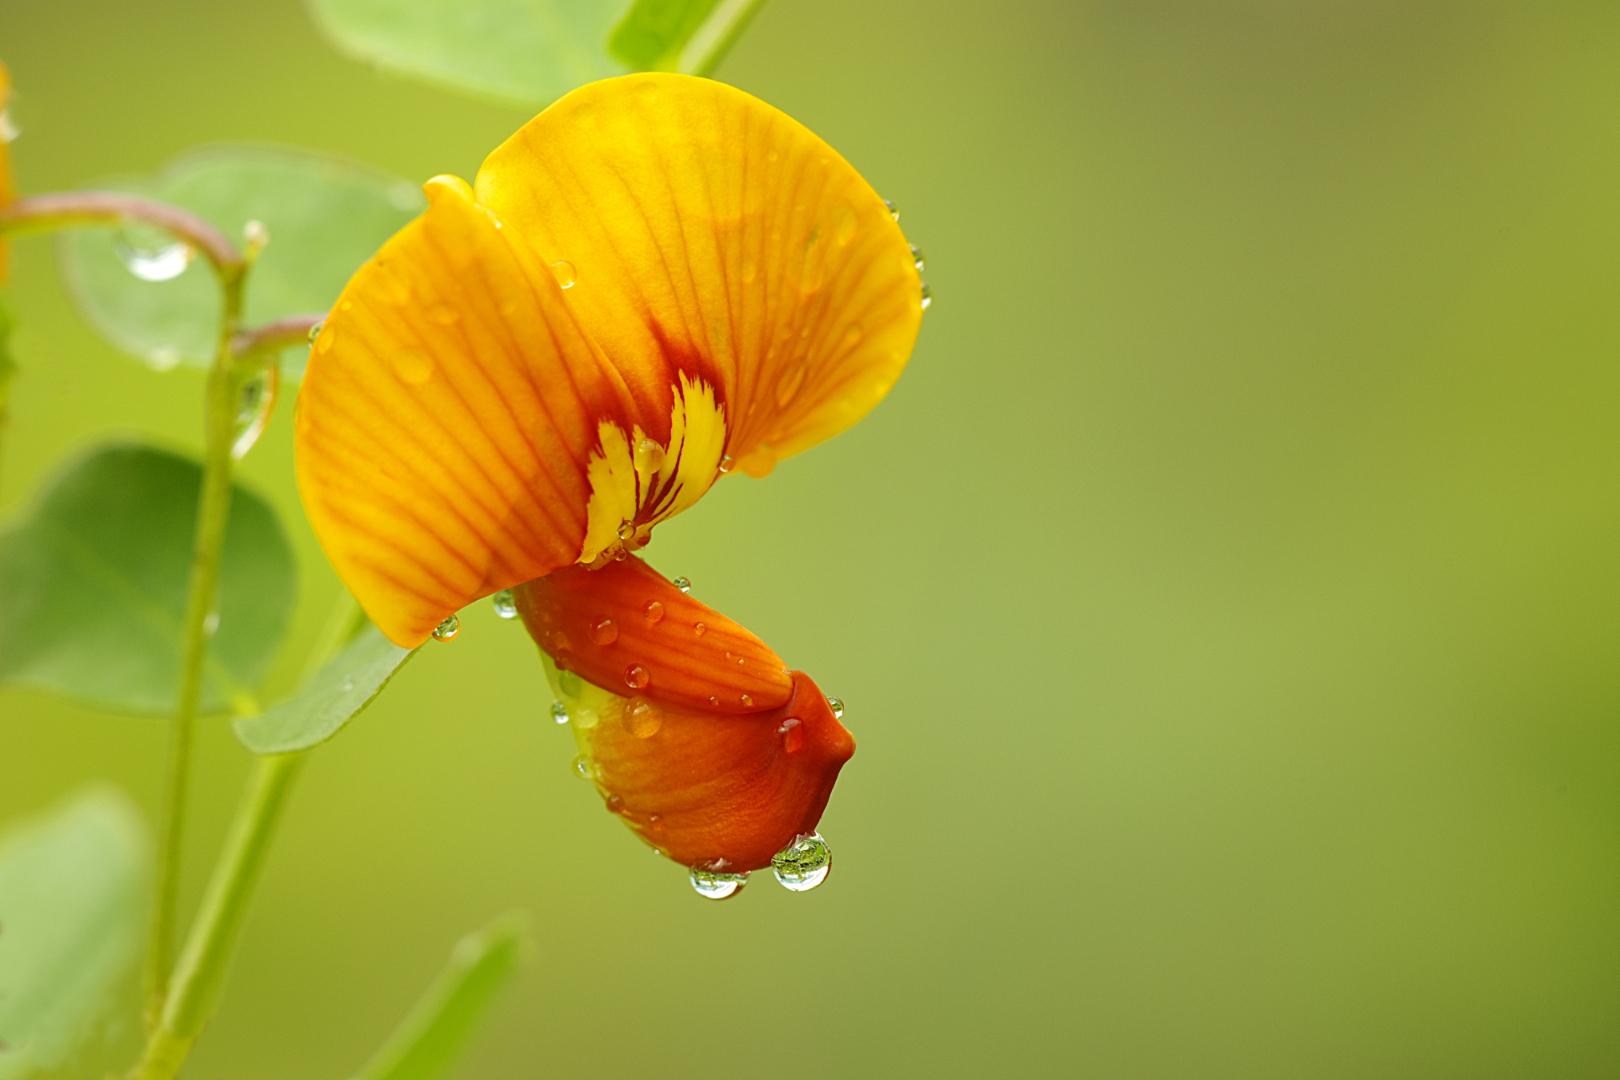 Zelfde bloem, niet gedraaid.